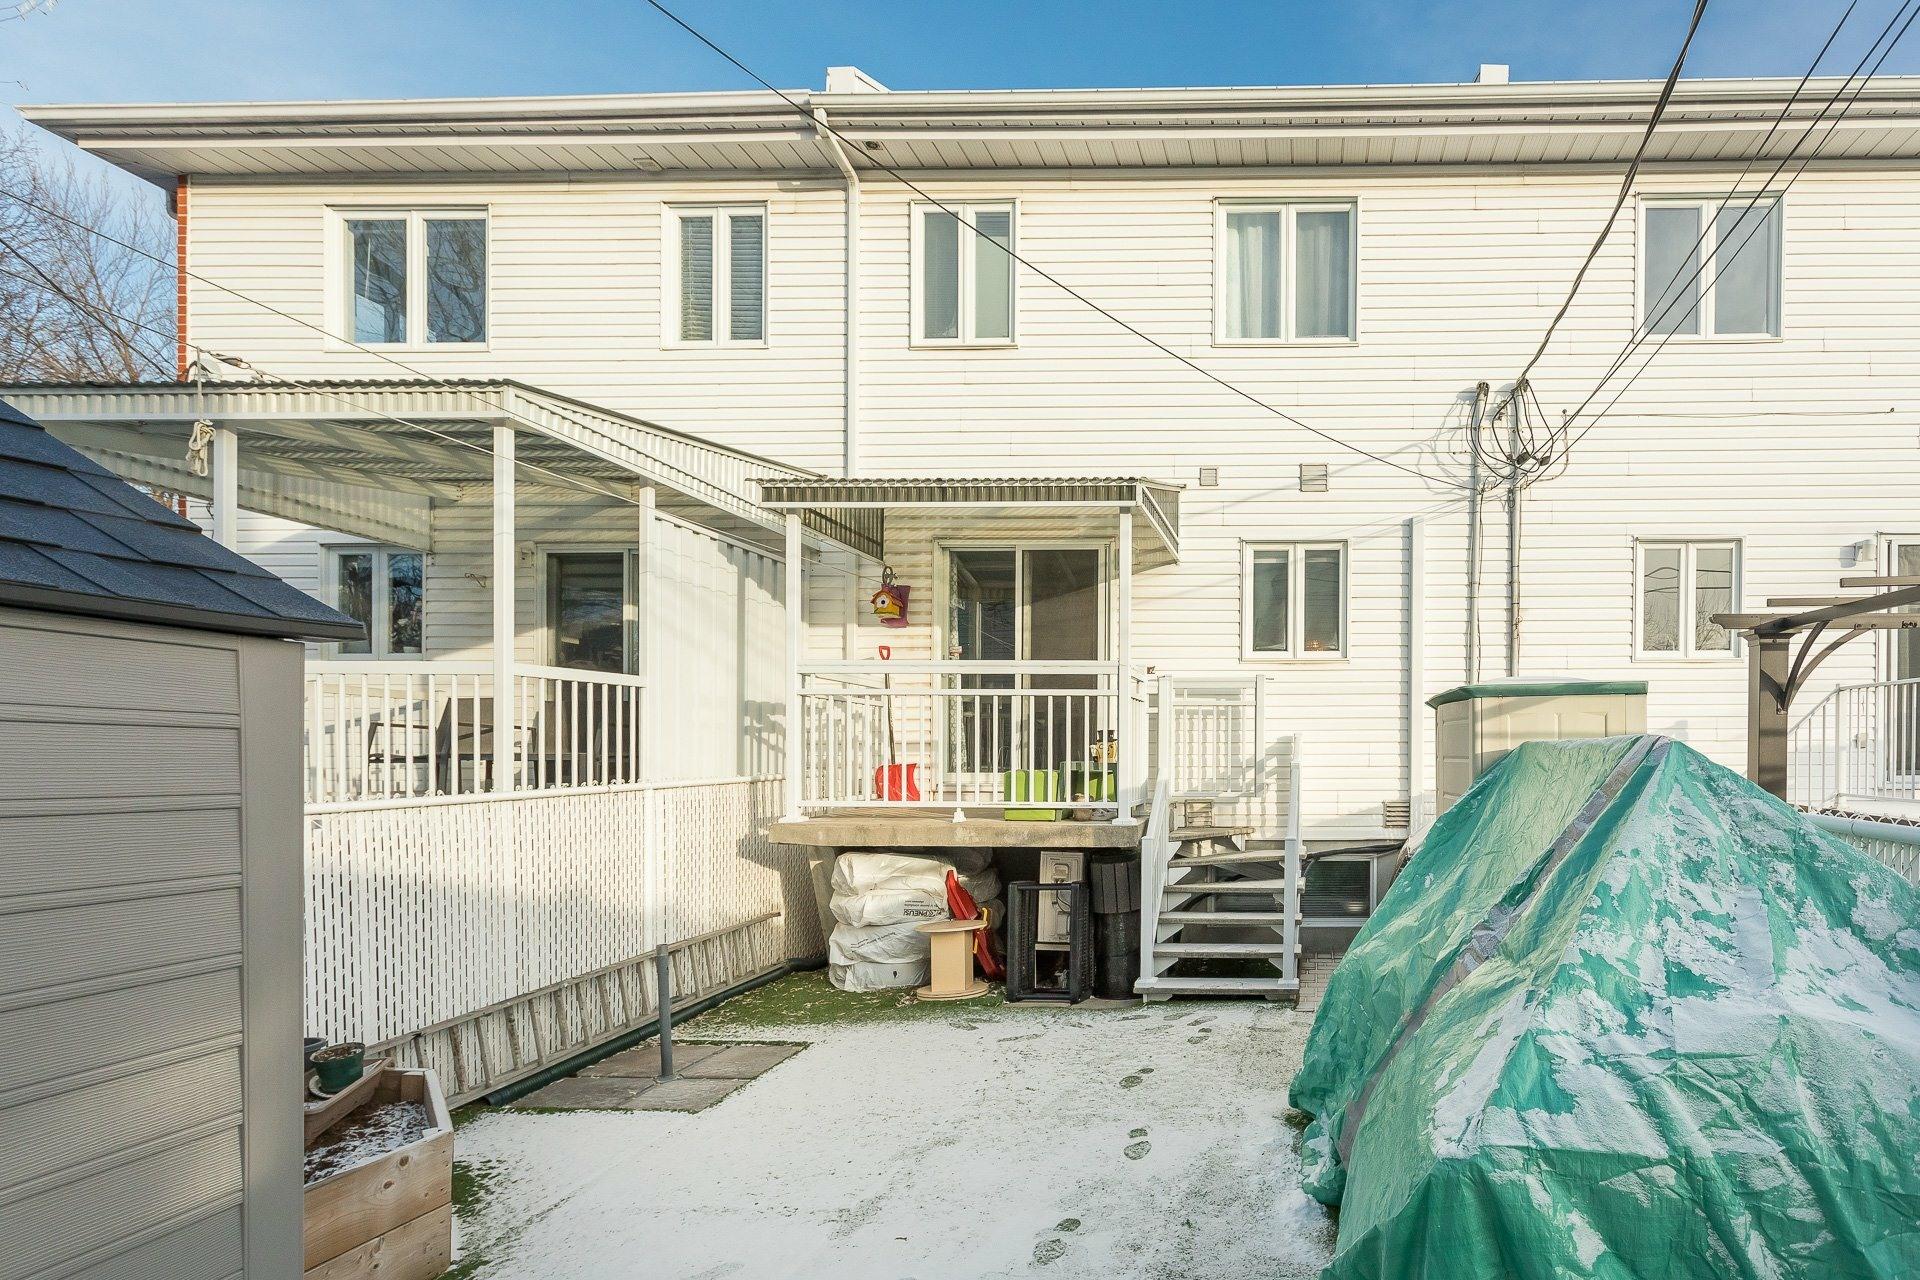 image 28 - Maison À vendre Rivière-des-Prairies/Pointe-aux-Trembles Montréal  - 9 pièces